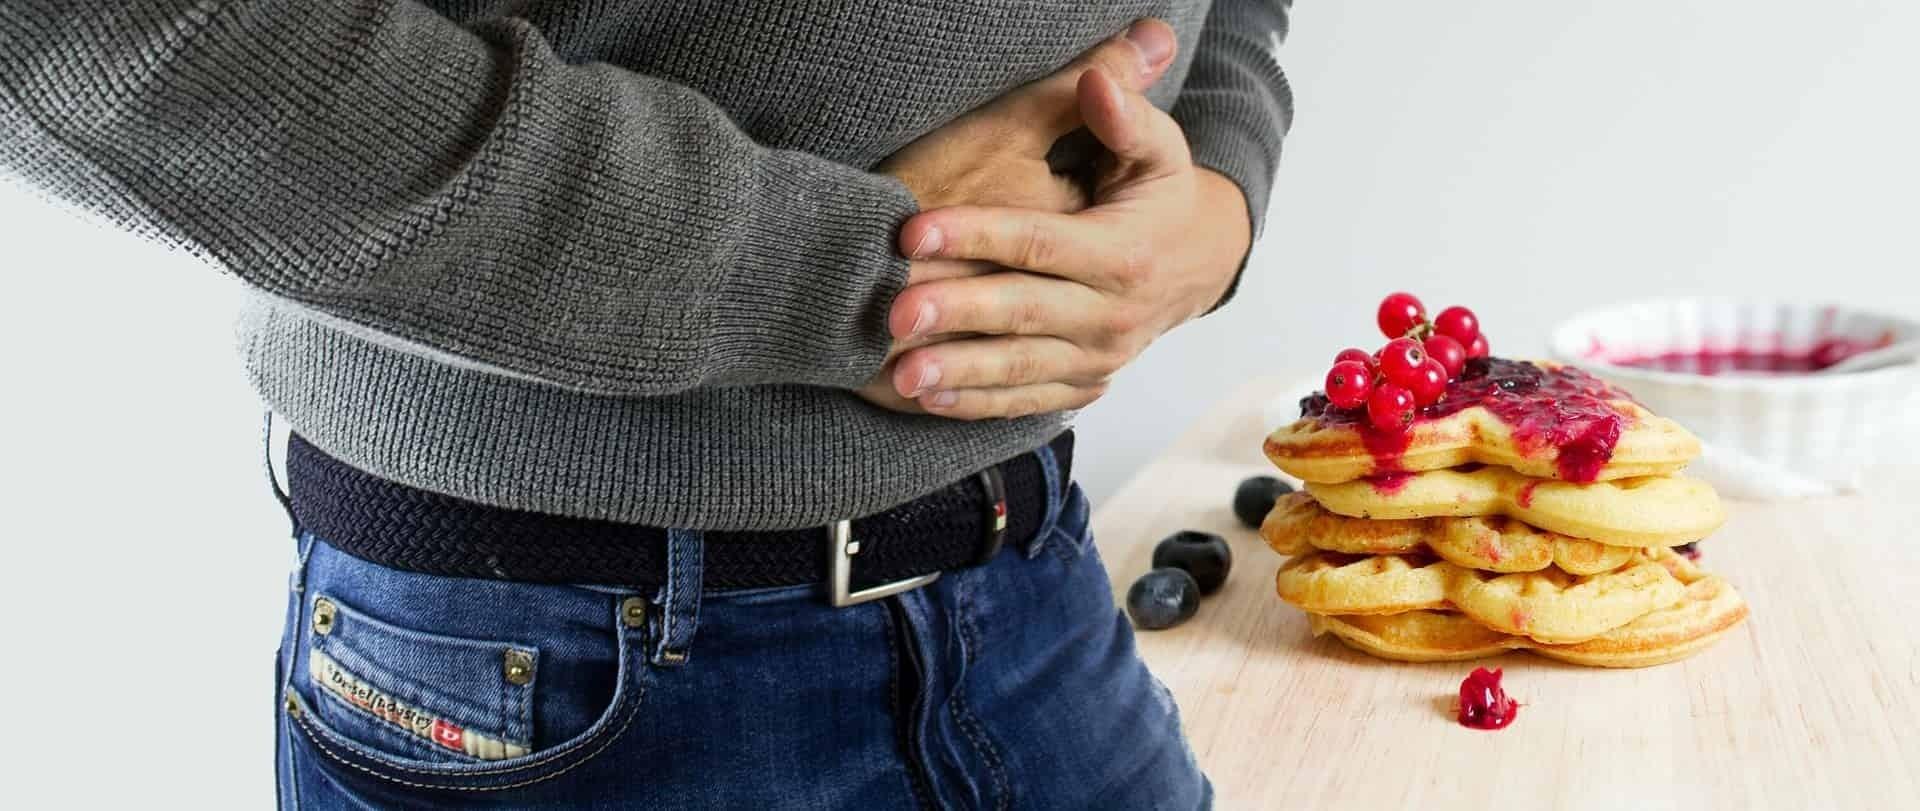 Syndrome du côlon irritable : qu'est-ce que c'est ...